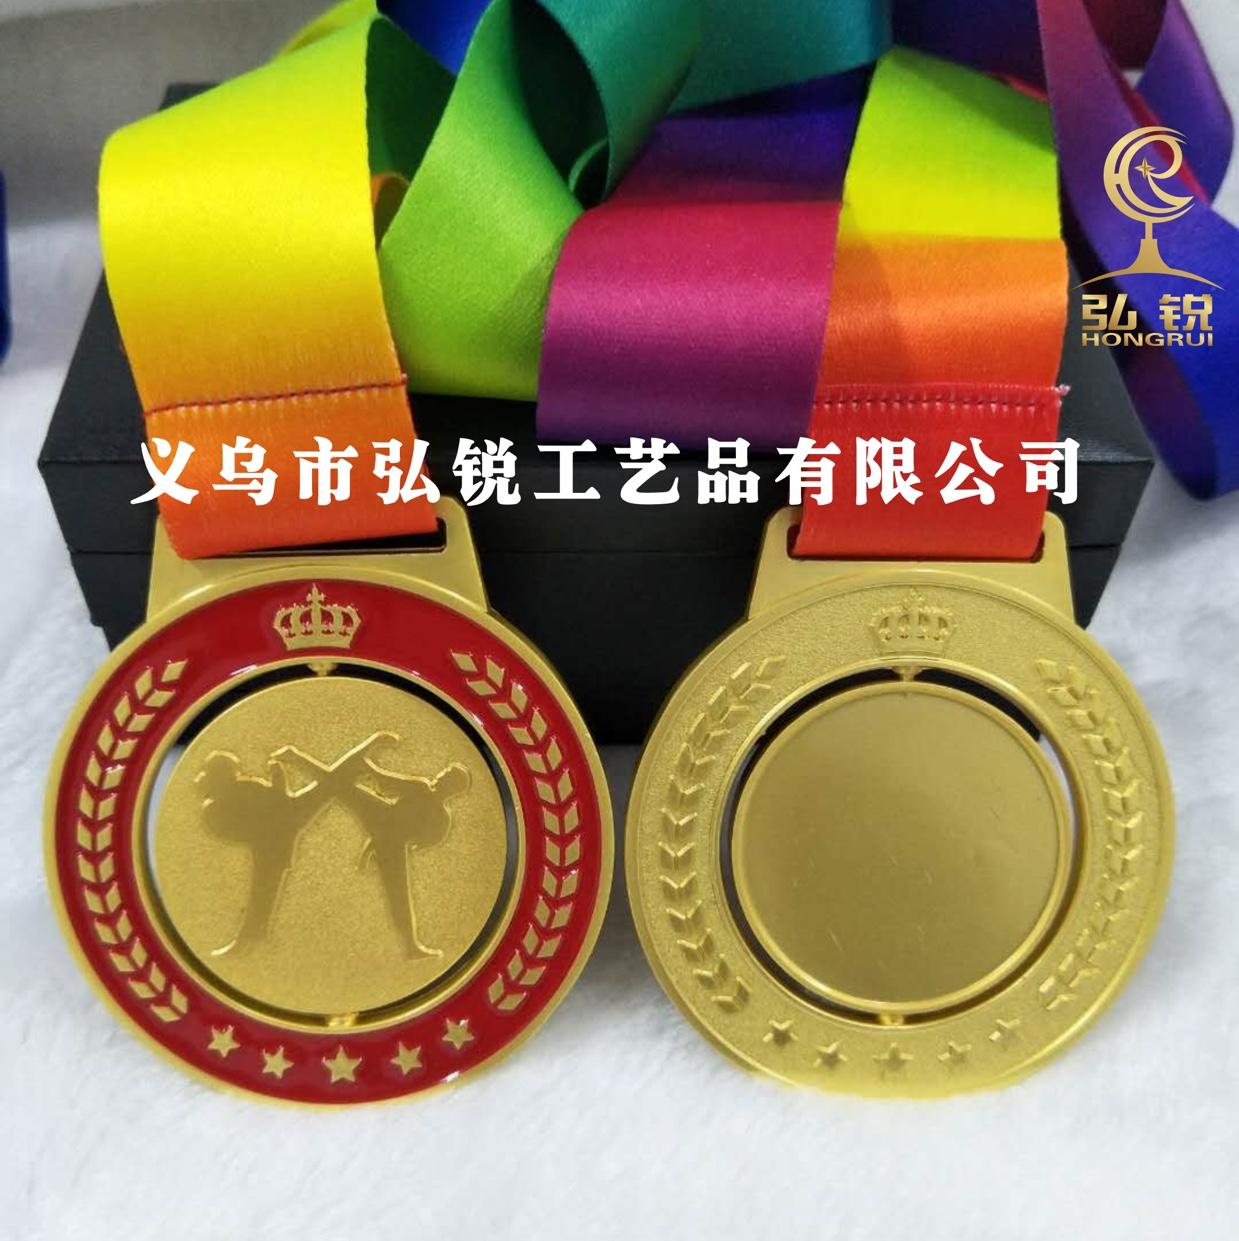 HR-007-1 跆拳道高档奖牌跆拳道比赛奖励奖品可定制logo